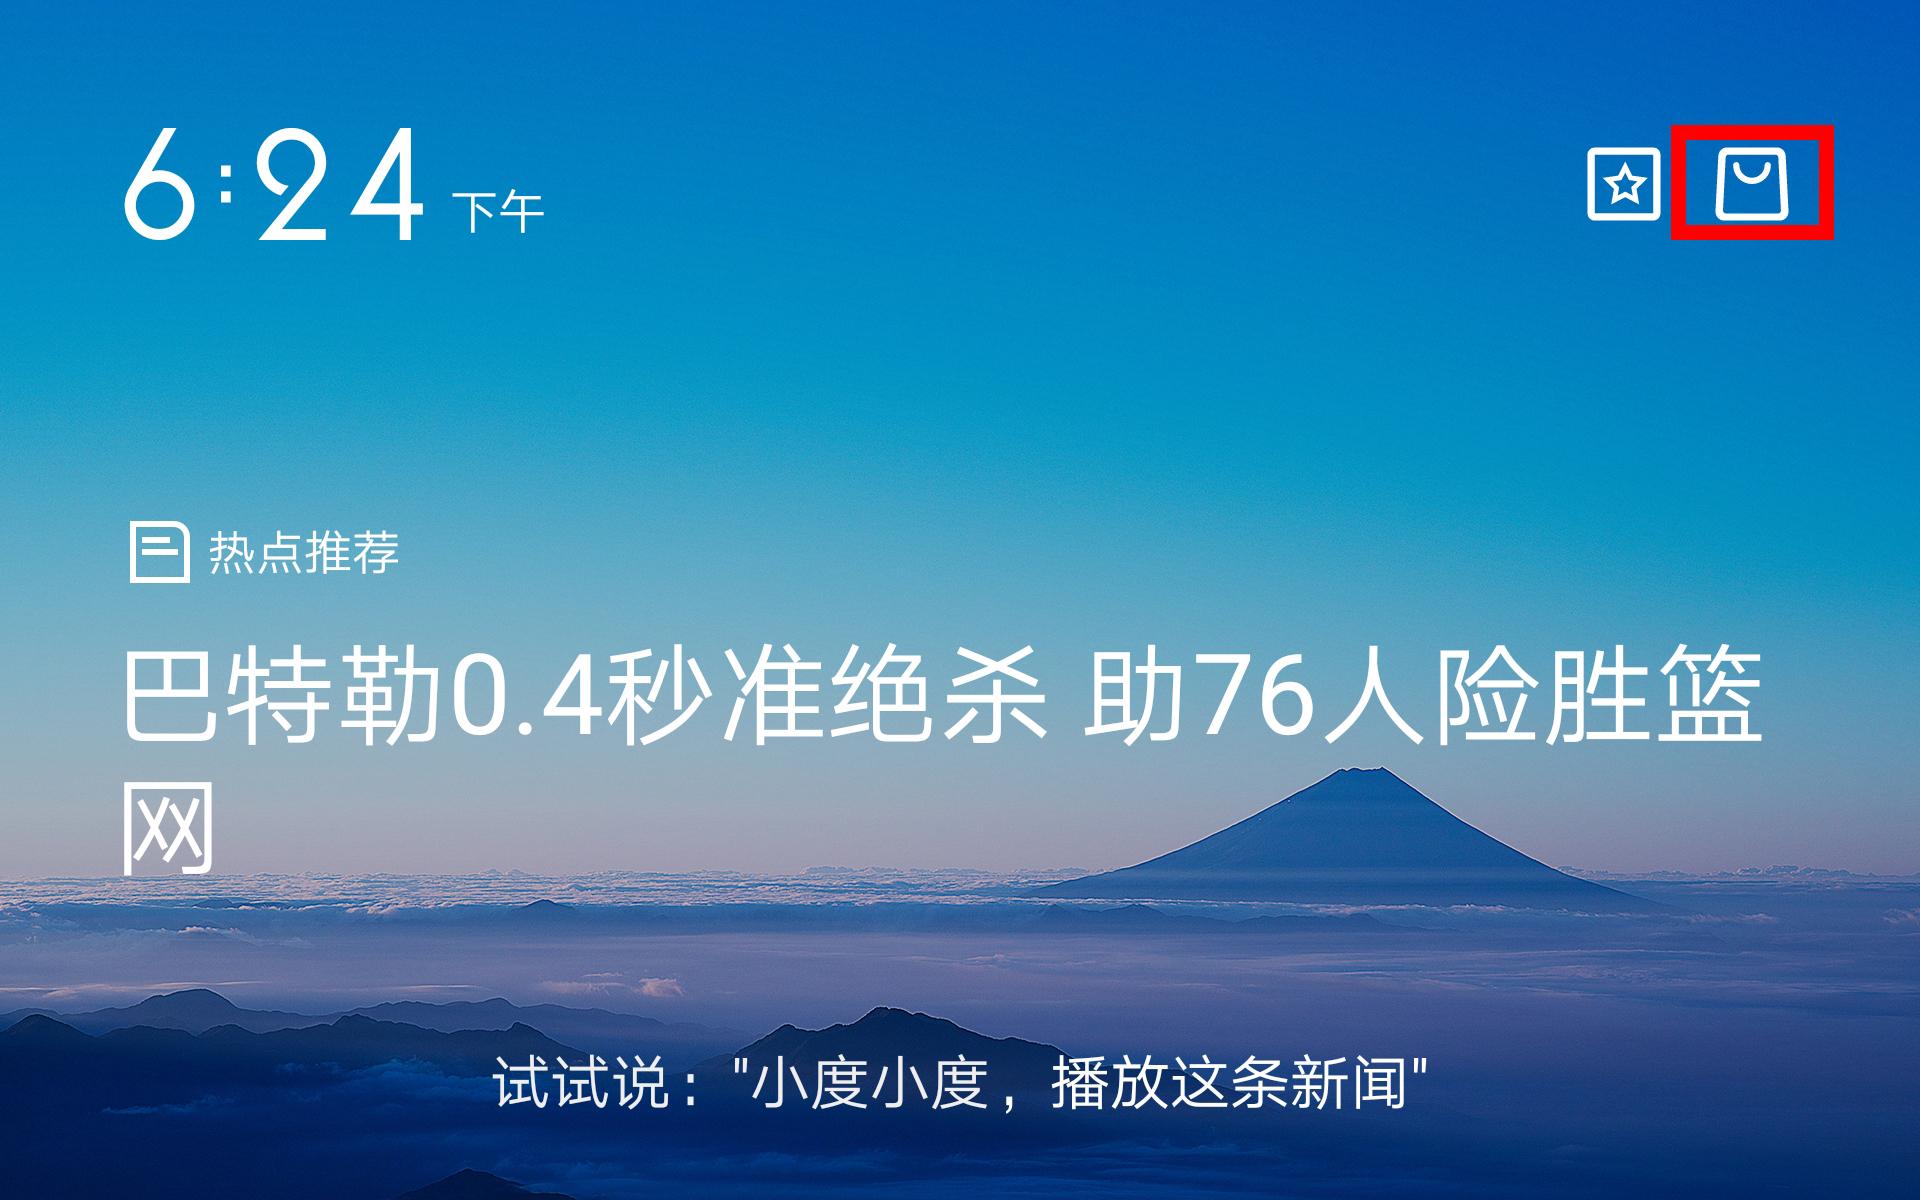 Screenshot_20181127-1824111121.jpg